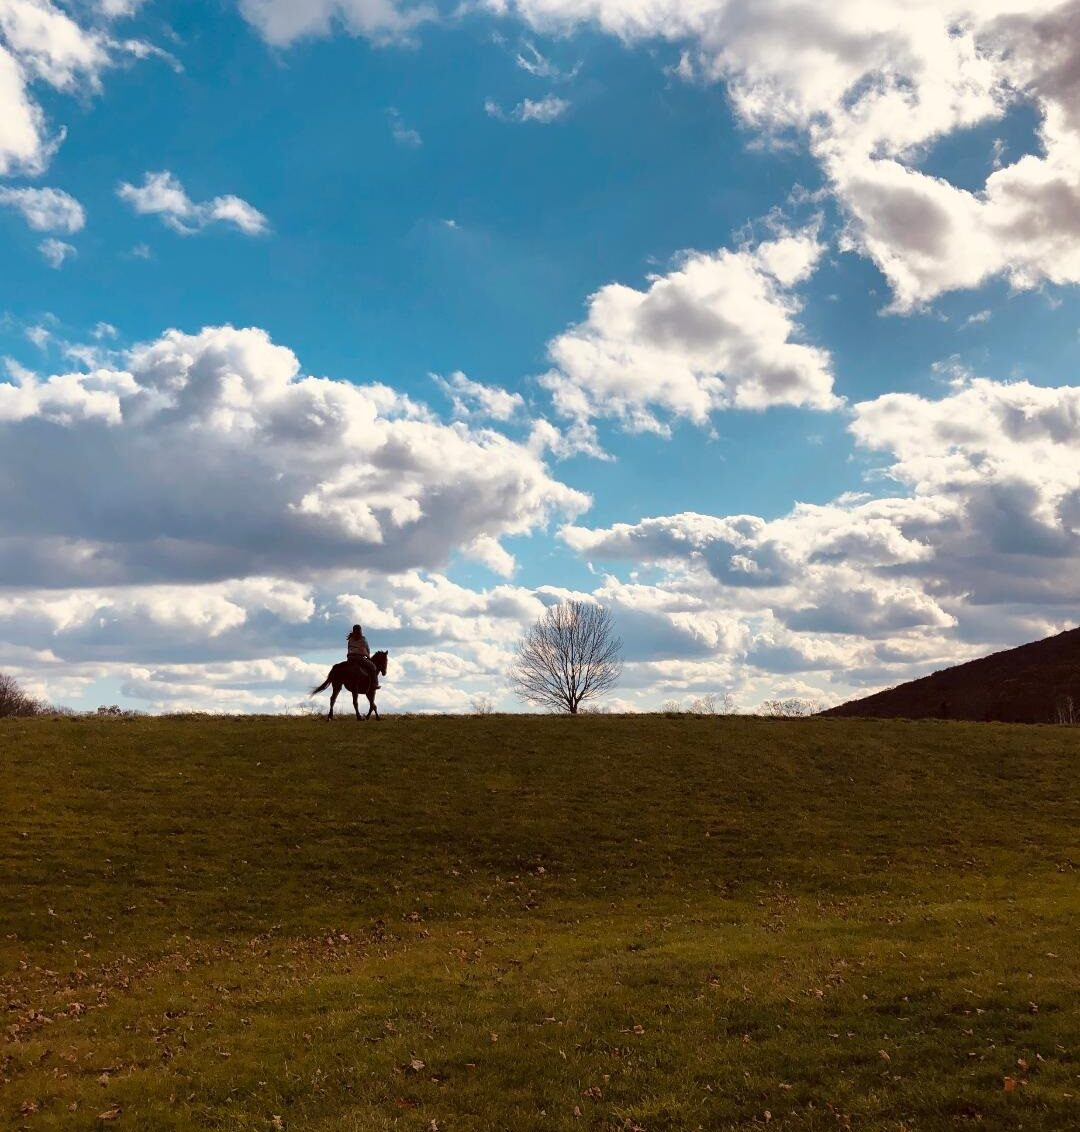 Equuscise